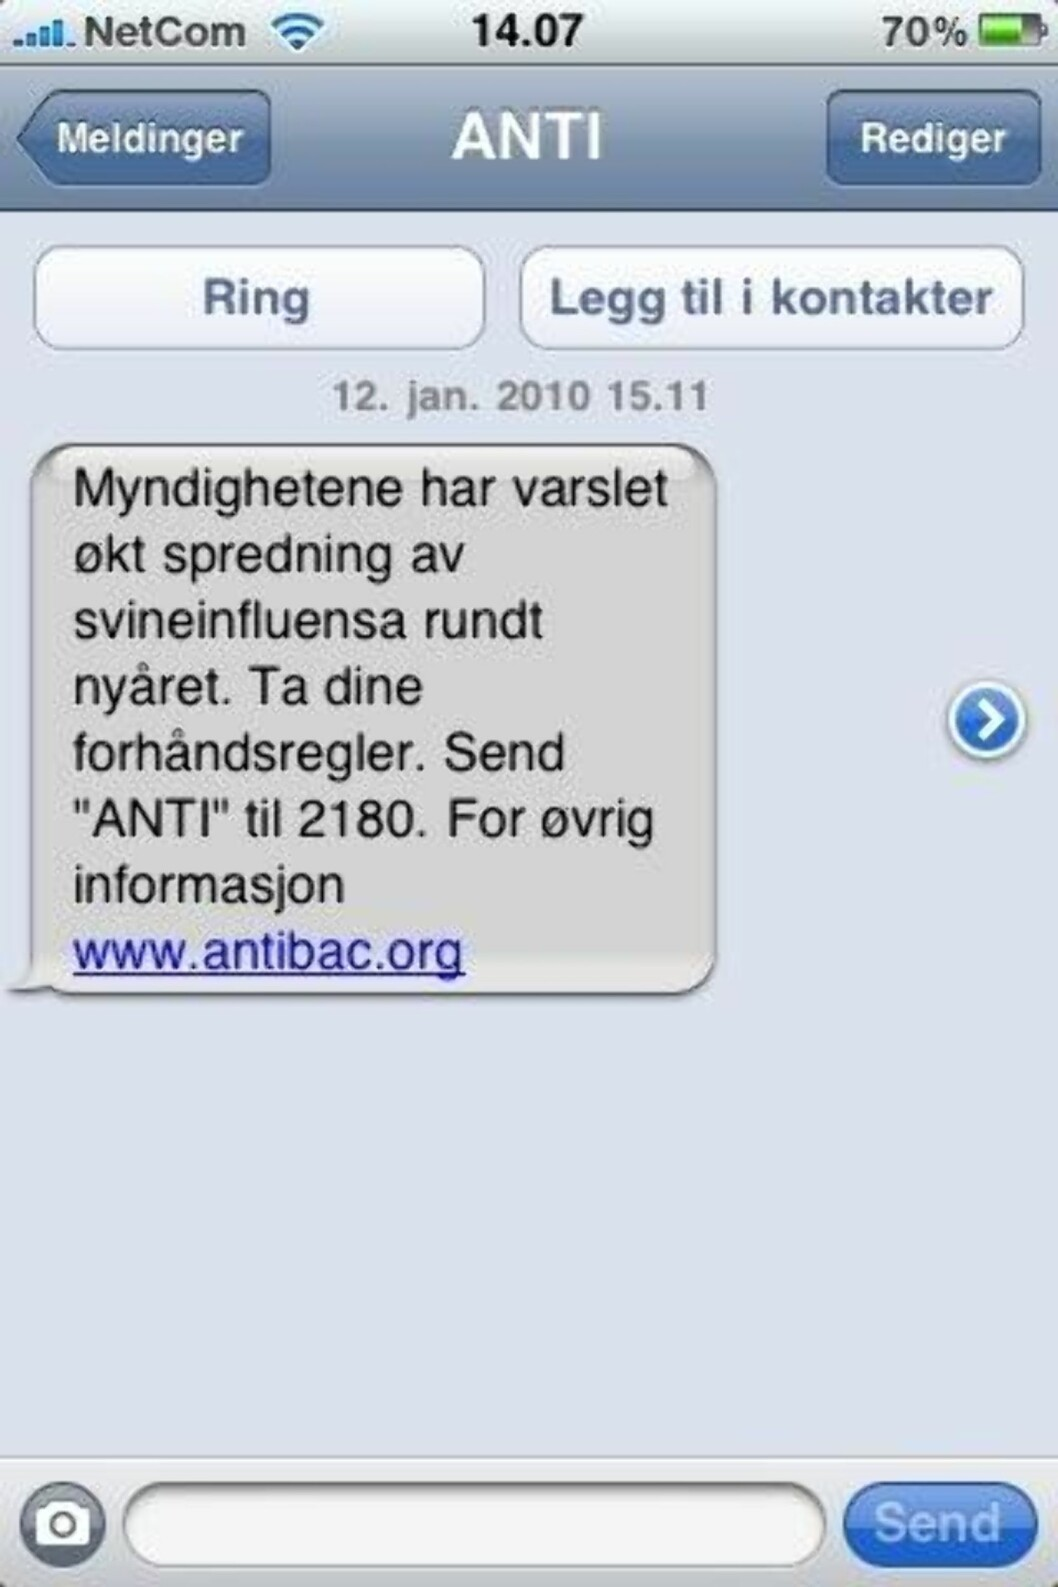 <strong>SMS:</strong> Antibac.org har sendt tekstmeldinger til et ukjent antall personer, og ignorert regelen om å innhente samtykke på forhånd.